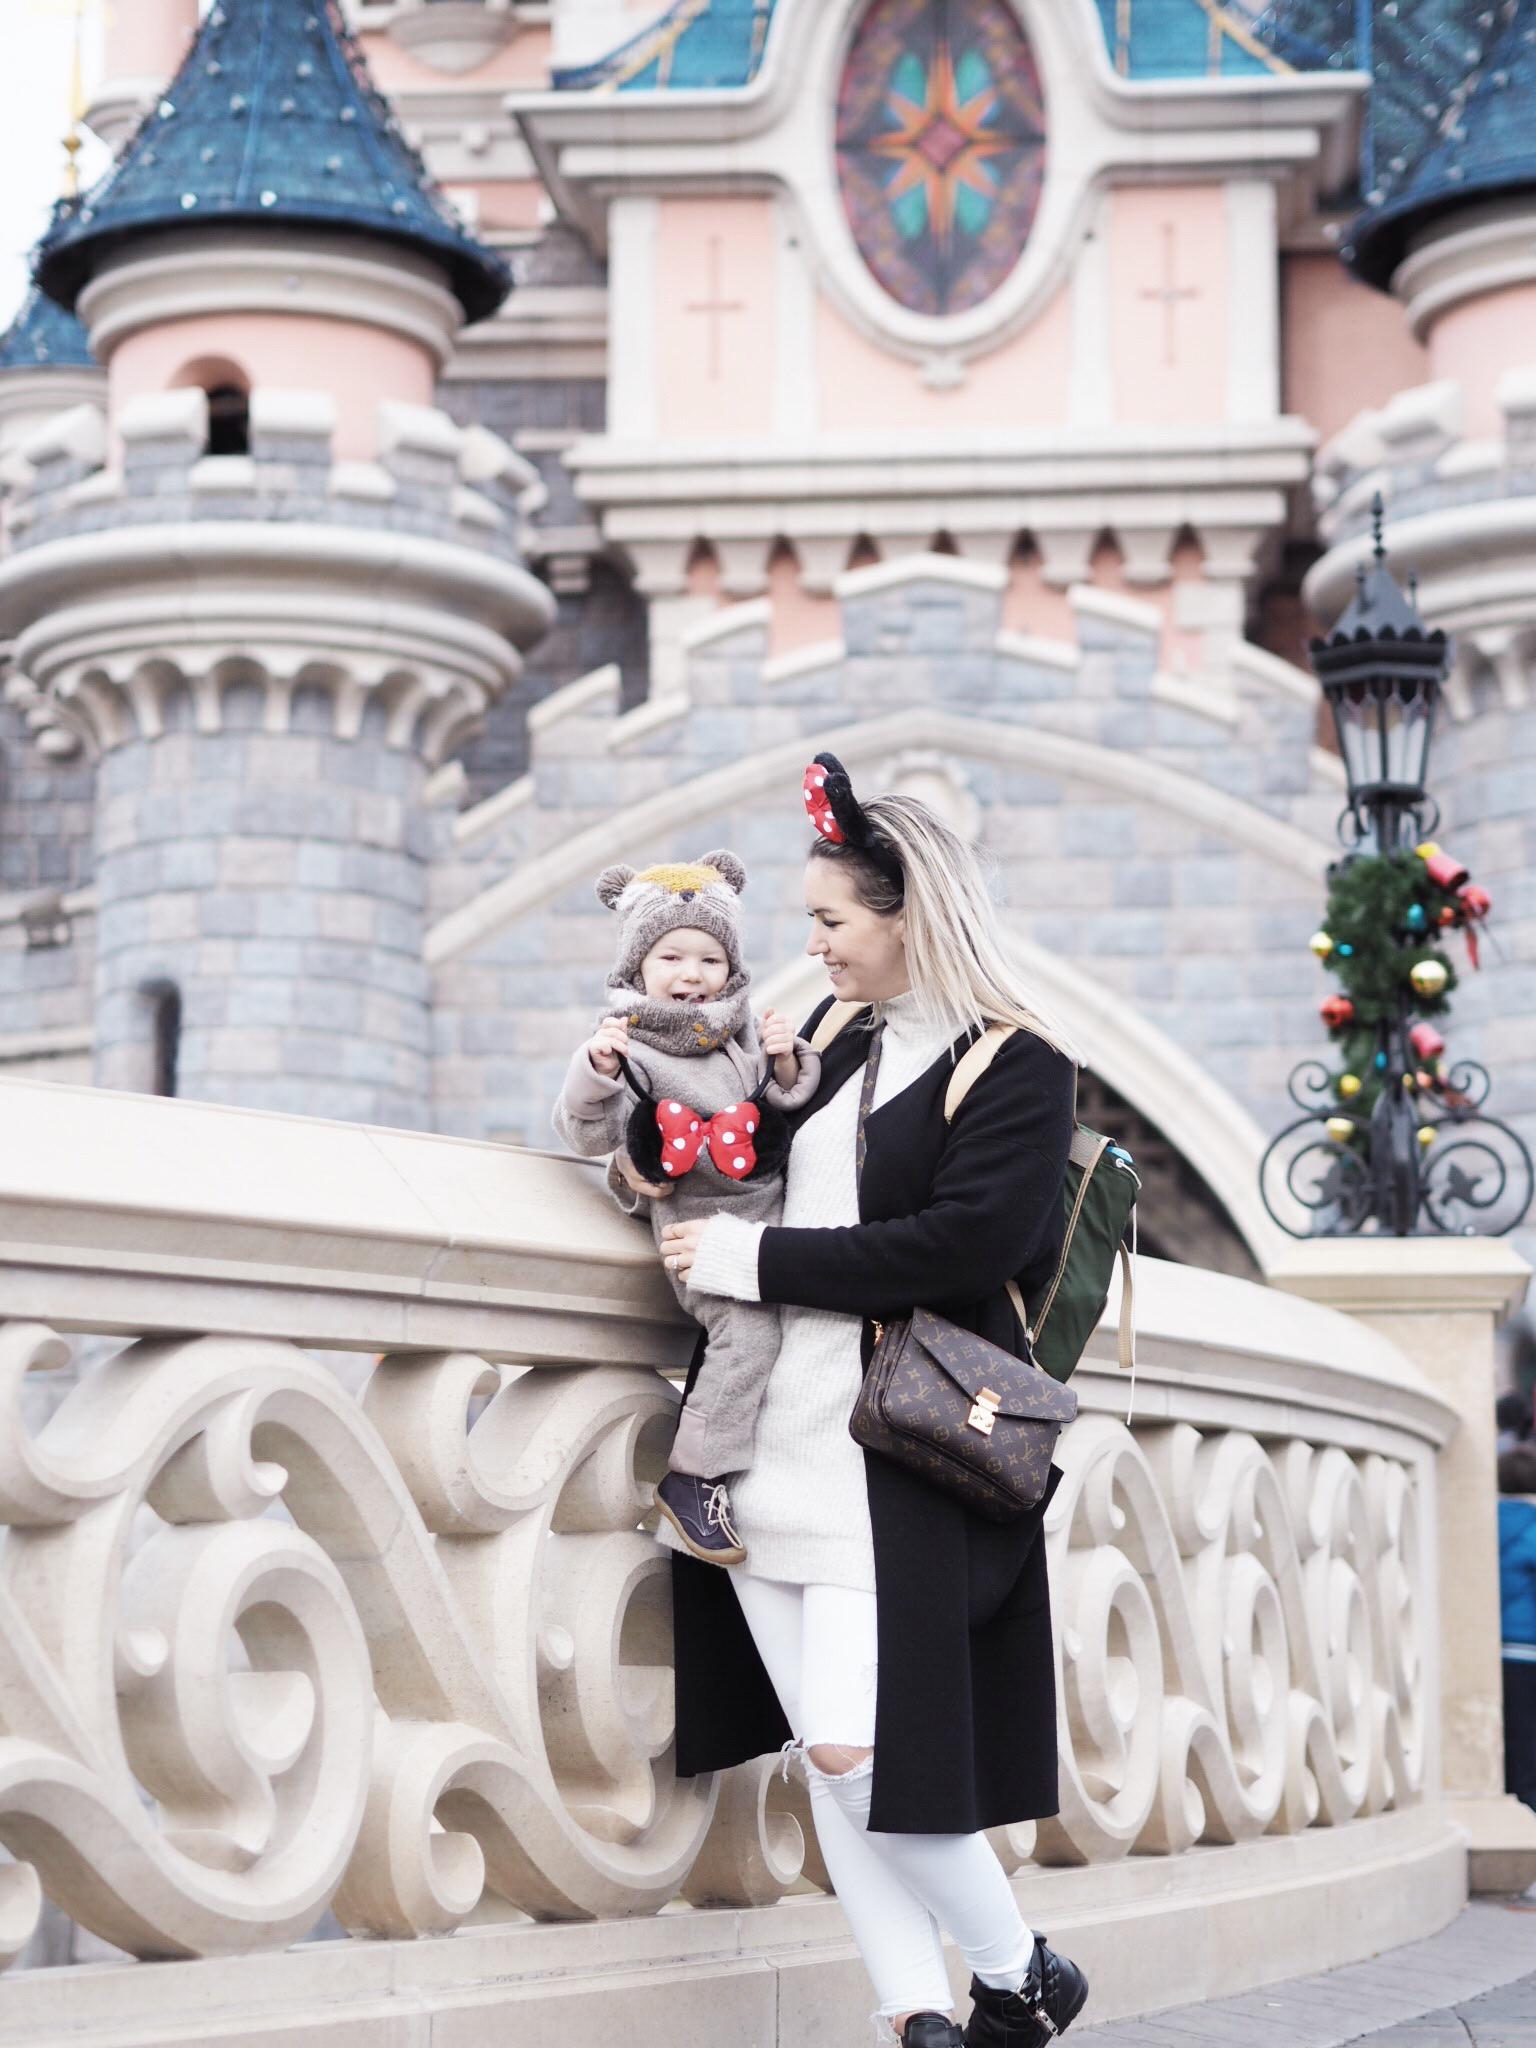 Patrizia von Maison Pazi mit ihrem Sohn Emilian im Disneyland Paris